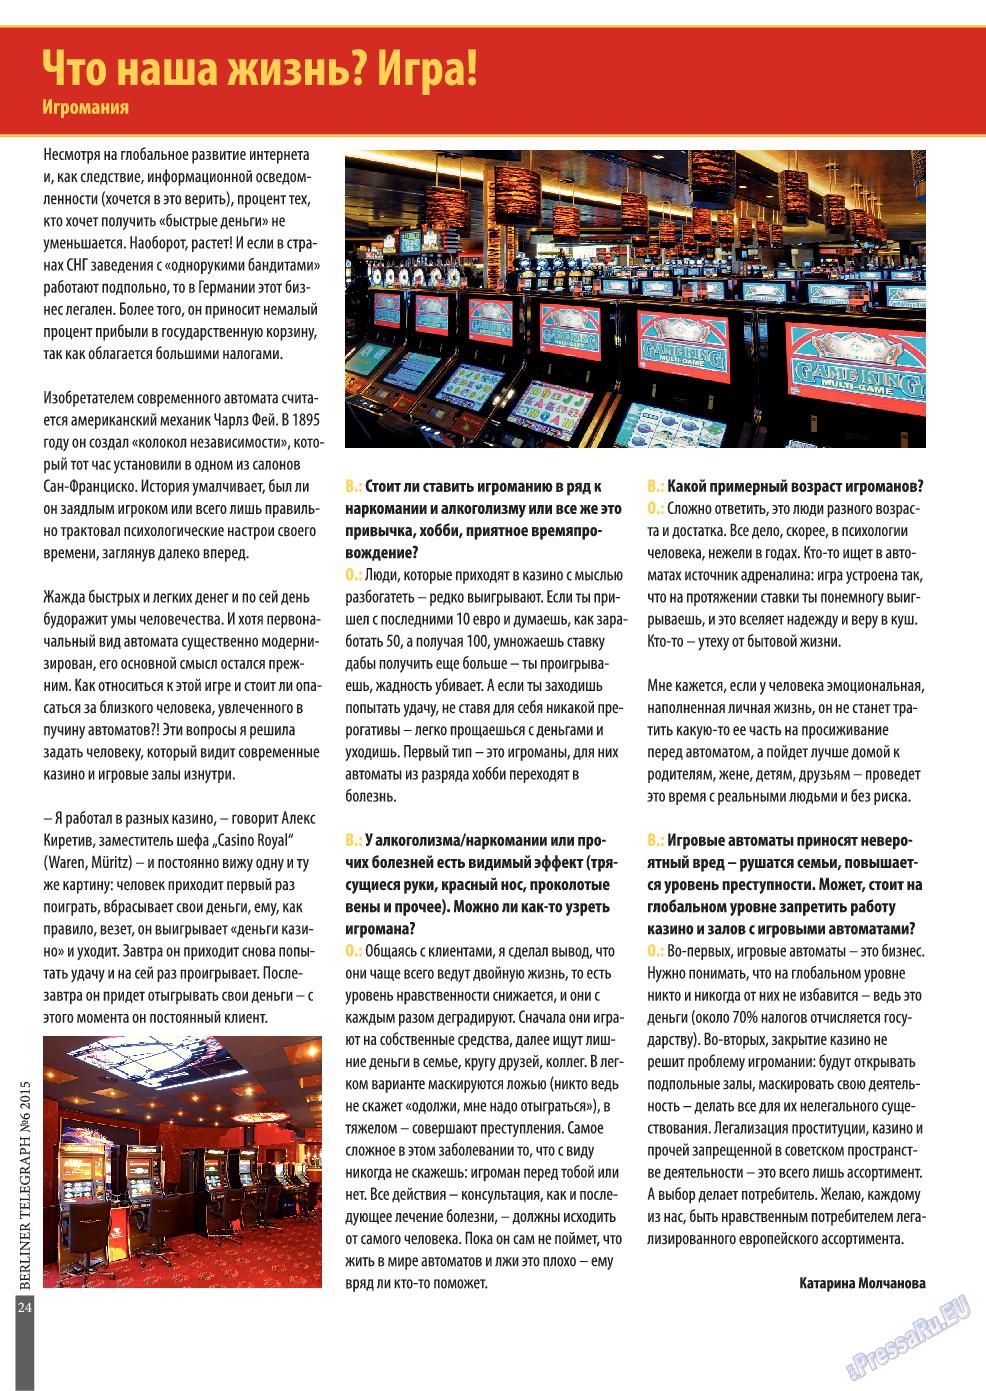 Берлинский телеграф (журнал). 2015 год, номер 6, стр. 24